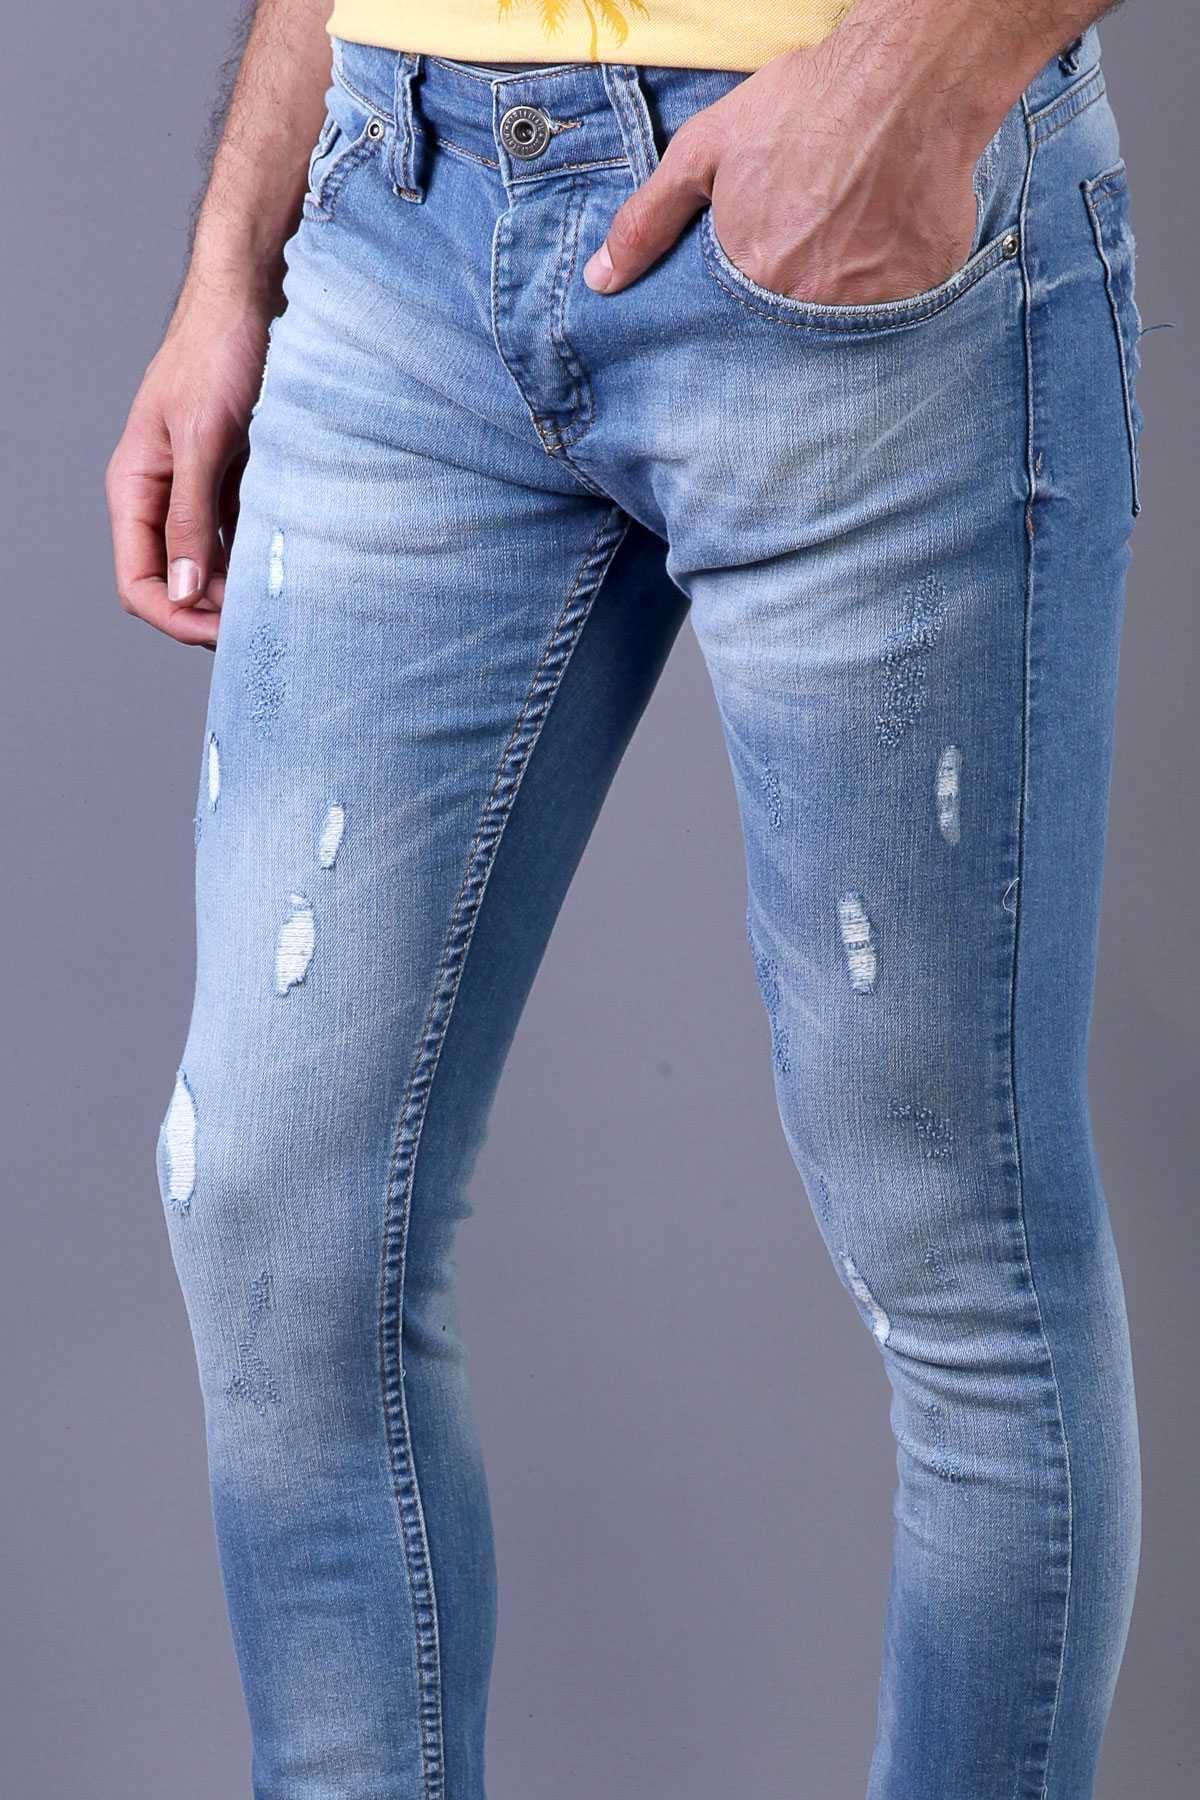 İnce İp Yamalı Lazer Tırtıklı Slim Fit Kot Pantolon Mavi